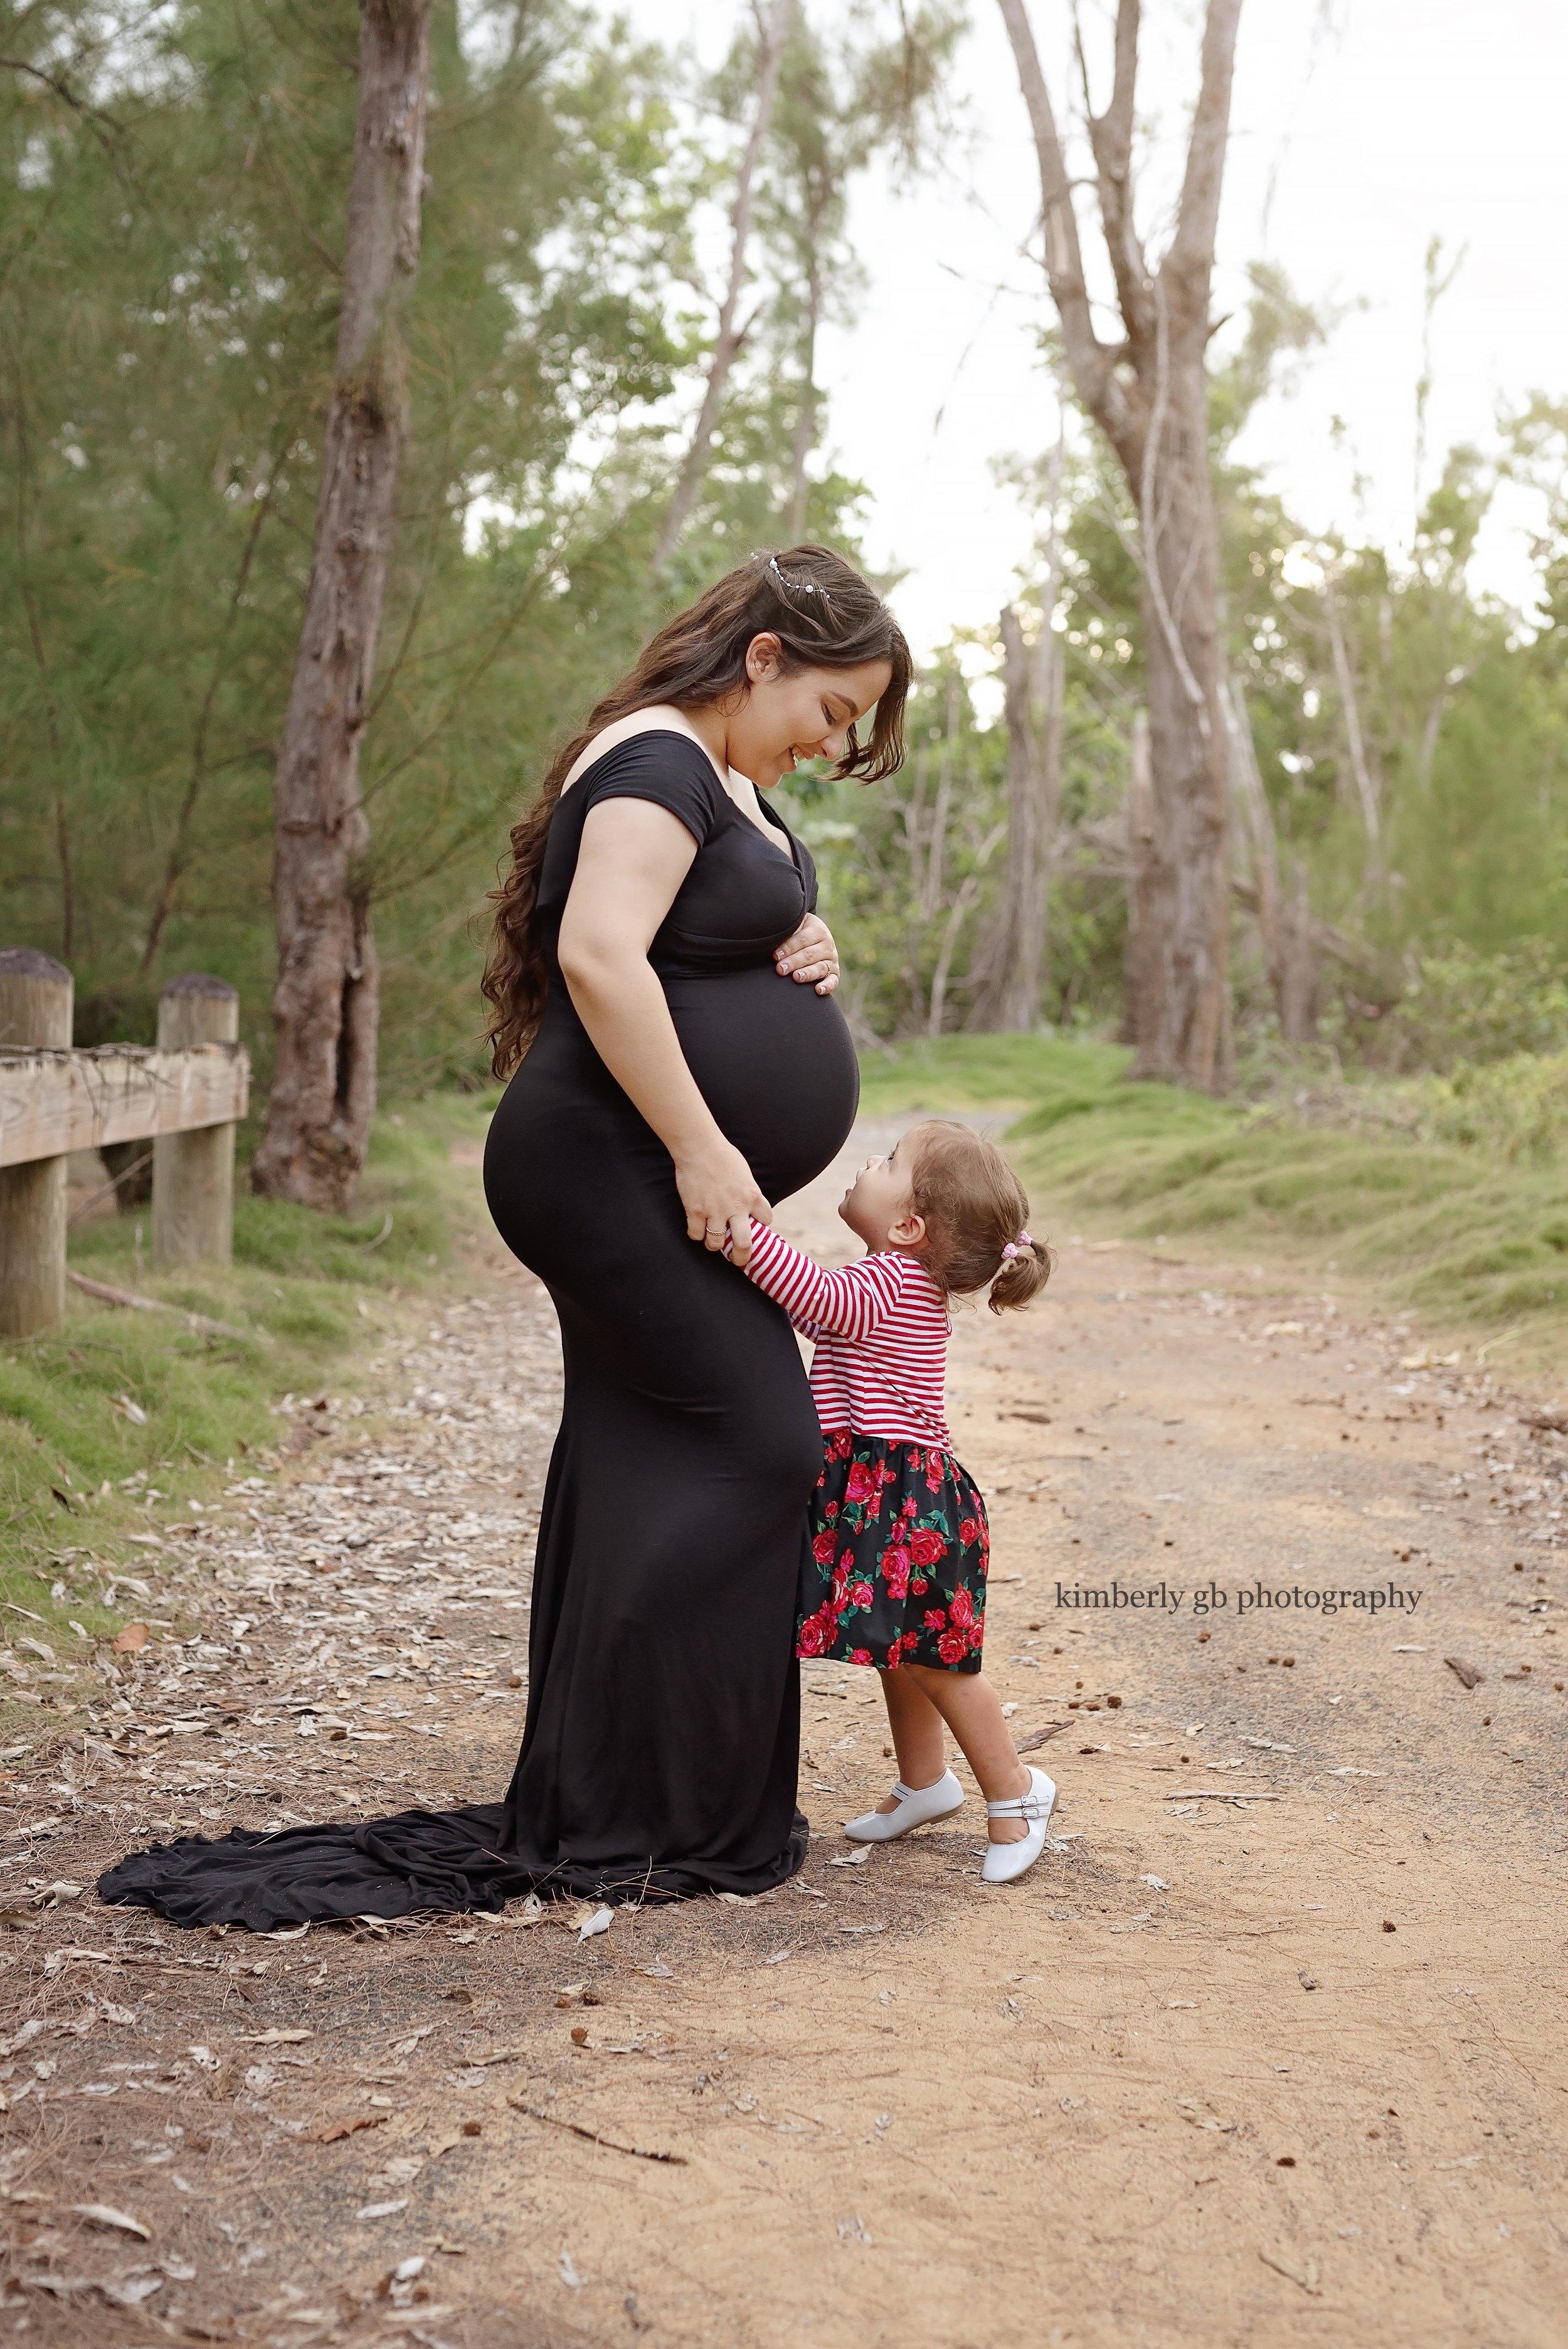 fotografia-fotografa-de-maternidad-embarazo-embarazada-en-puerto-rico-fotografia-164.jpg